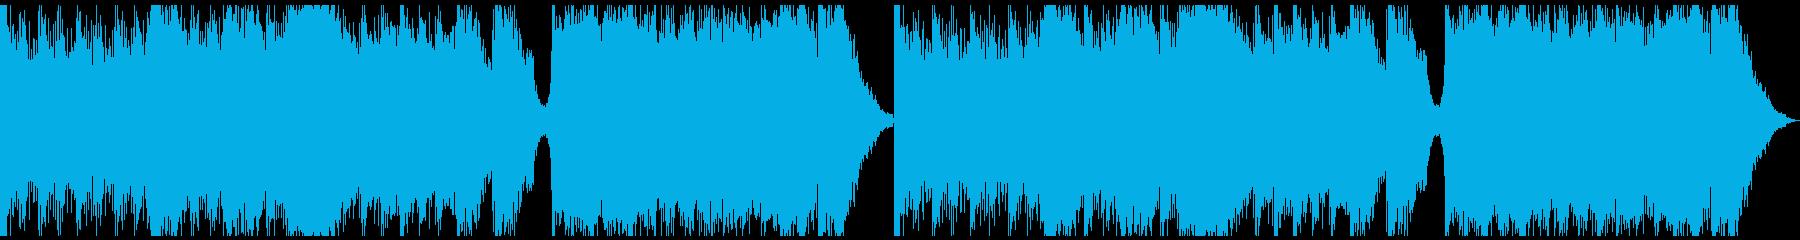 ピアノ&ホラーシネマティックの再生済みの波形